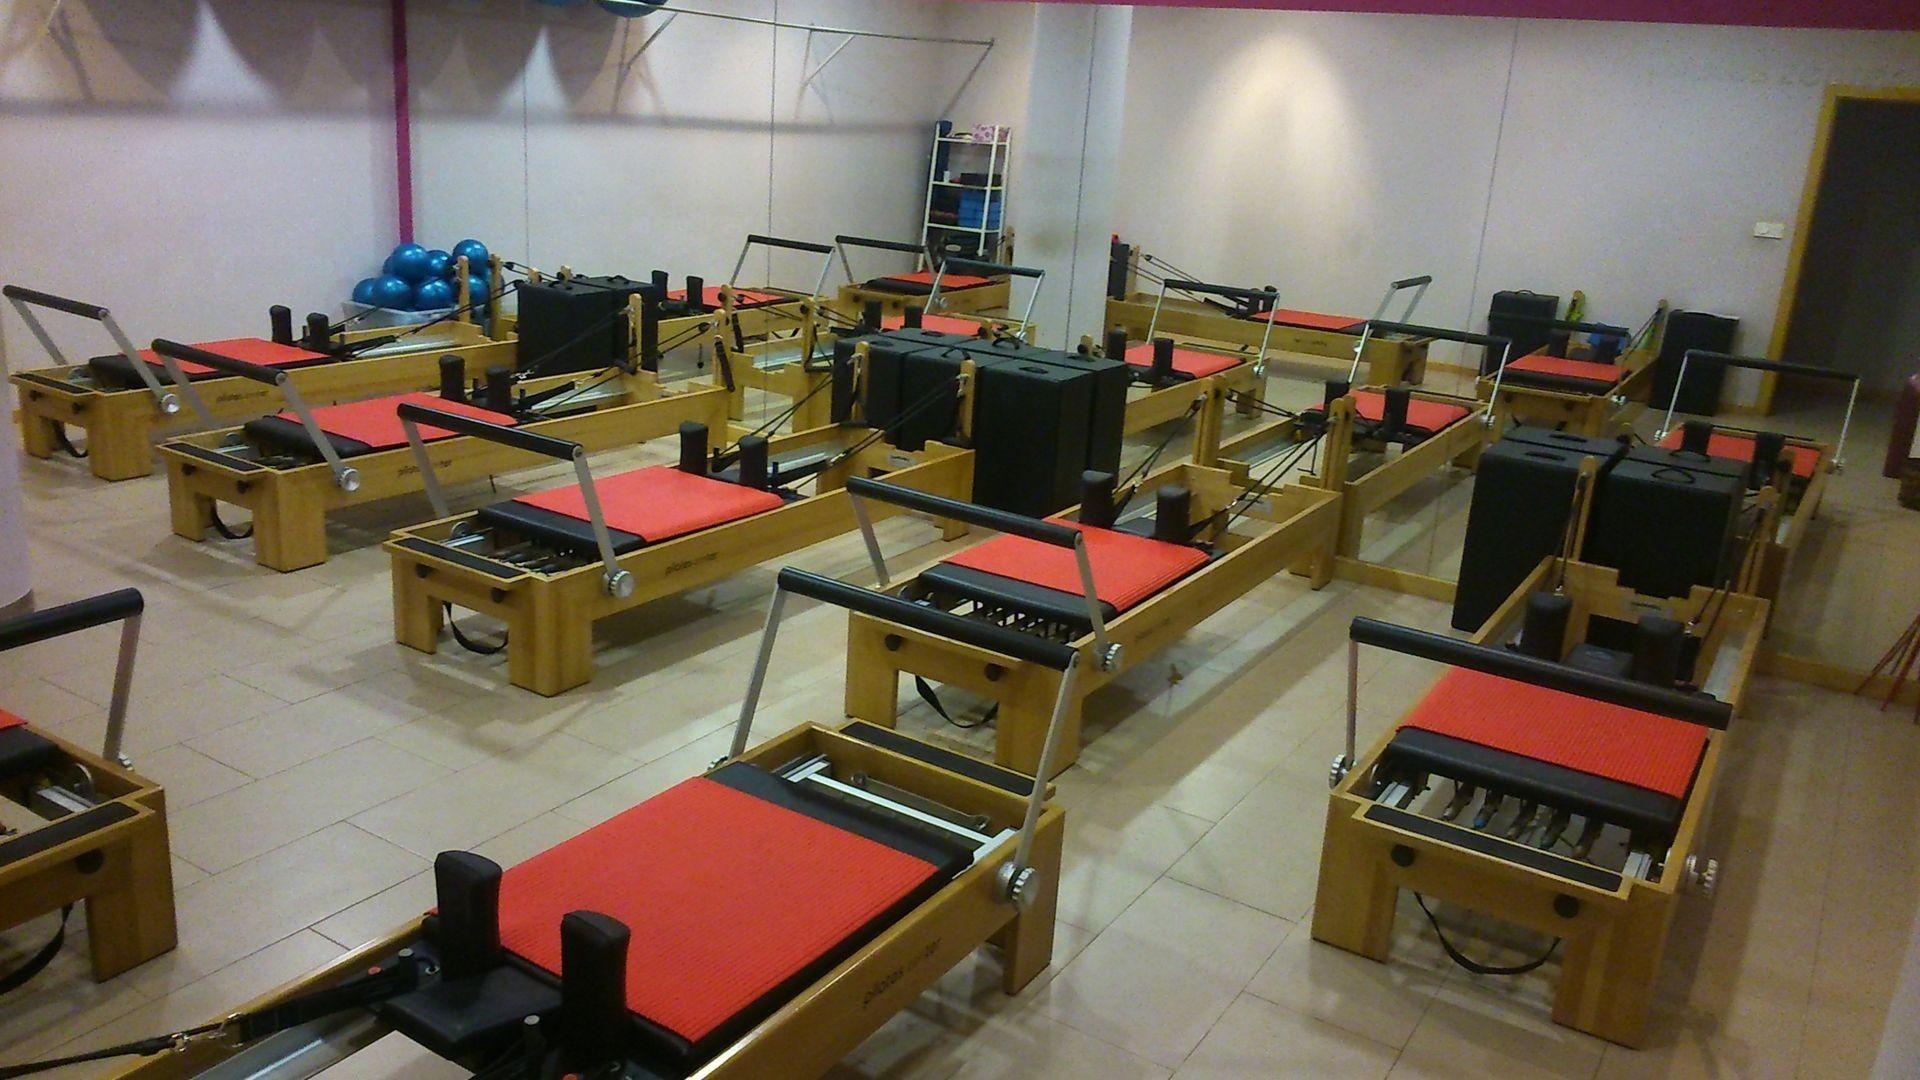 Estudio de pilates en Orihuela